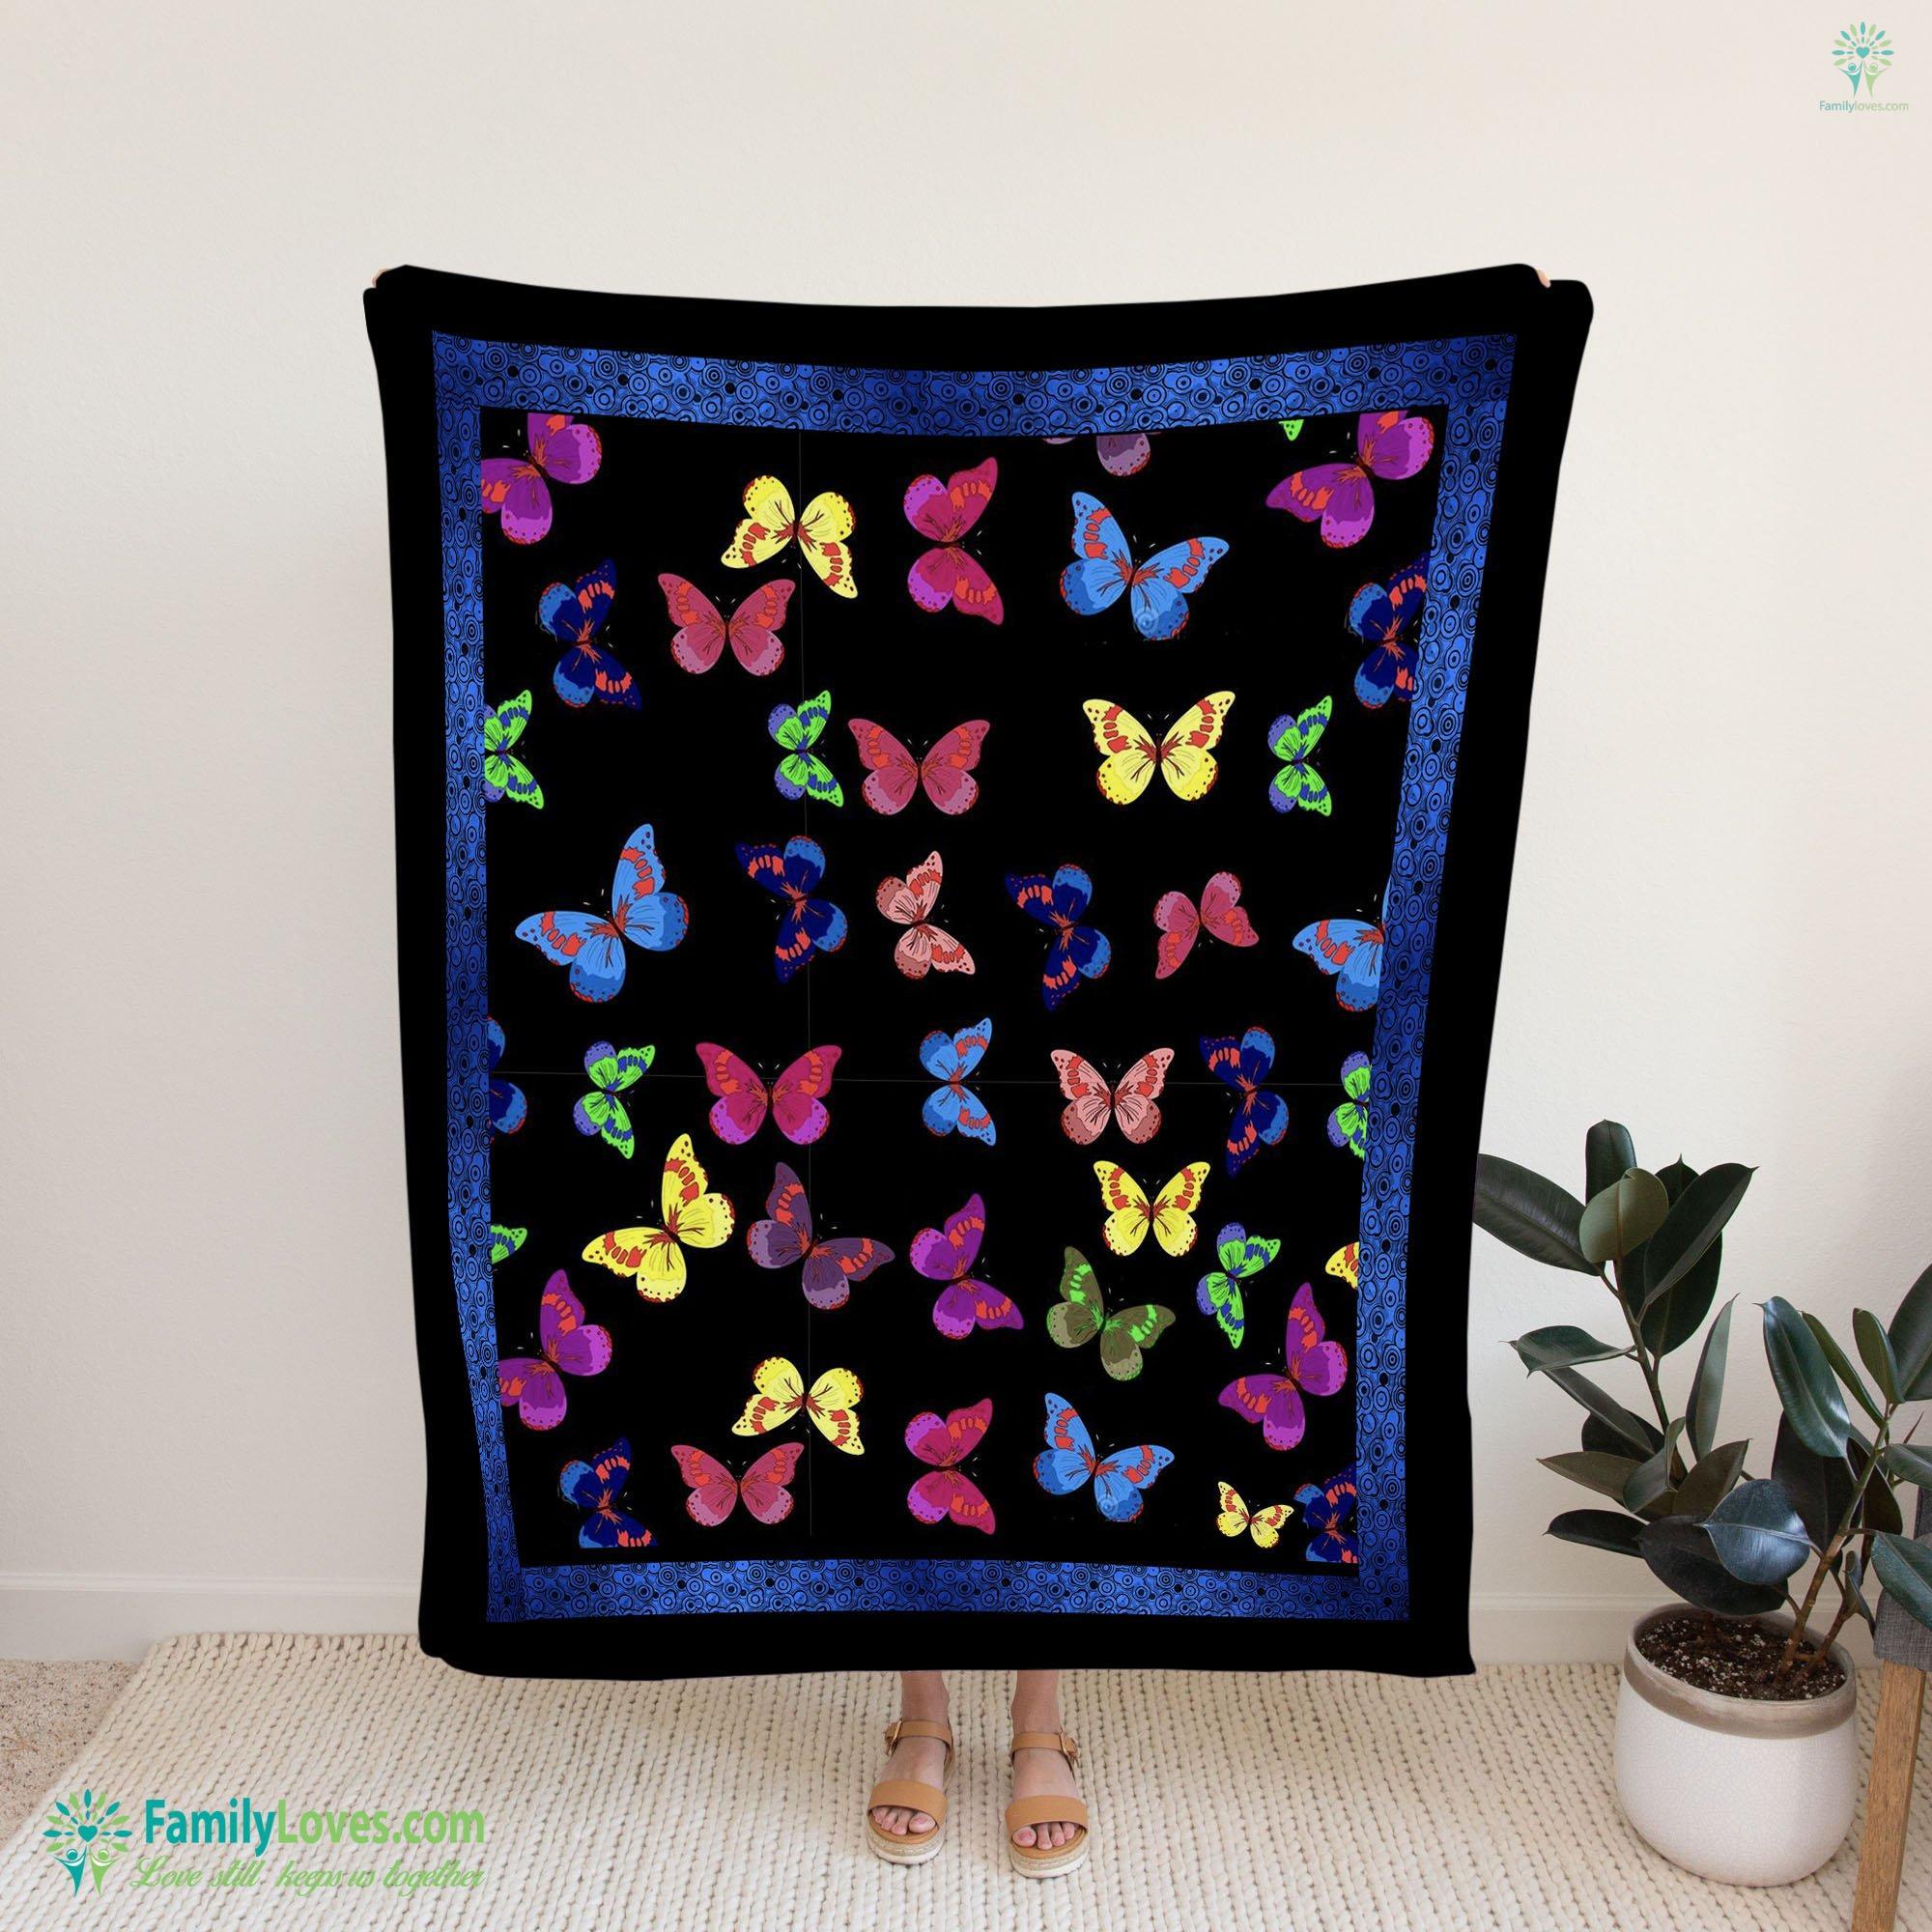 Butterfly Blanket 8 Familyloves.com